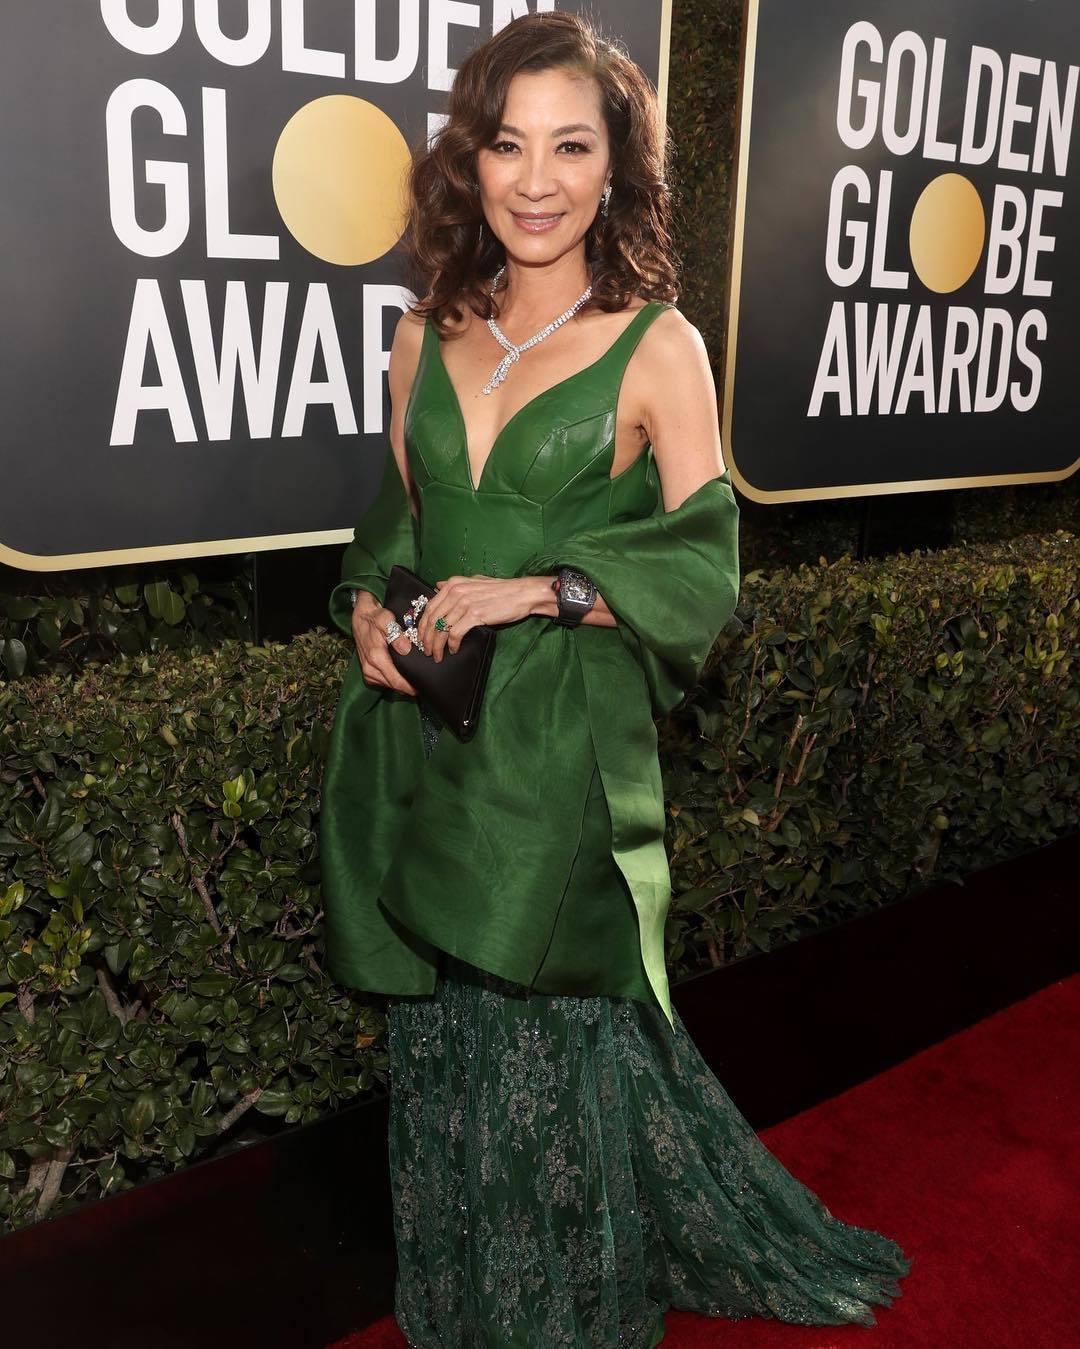 甫落幕的金球獎中,女星楊紫瓊以夏姿的綠色皮革蕾絲拼接禮服登場。